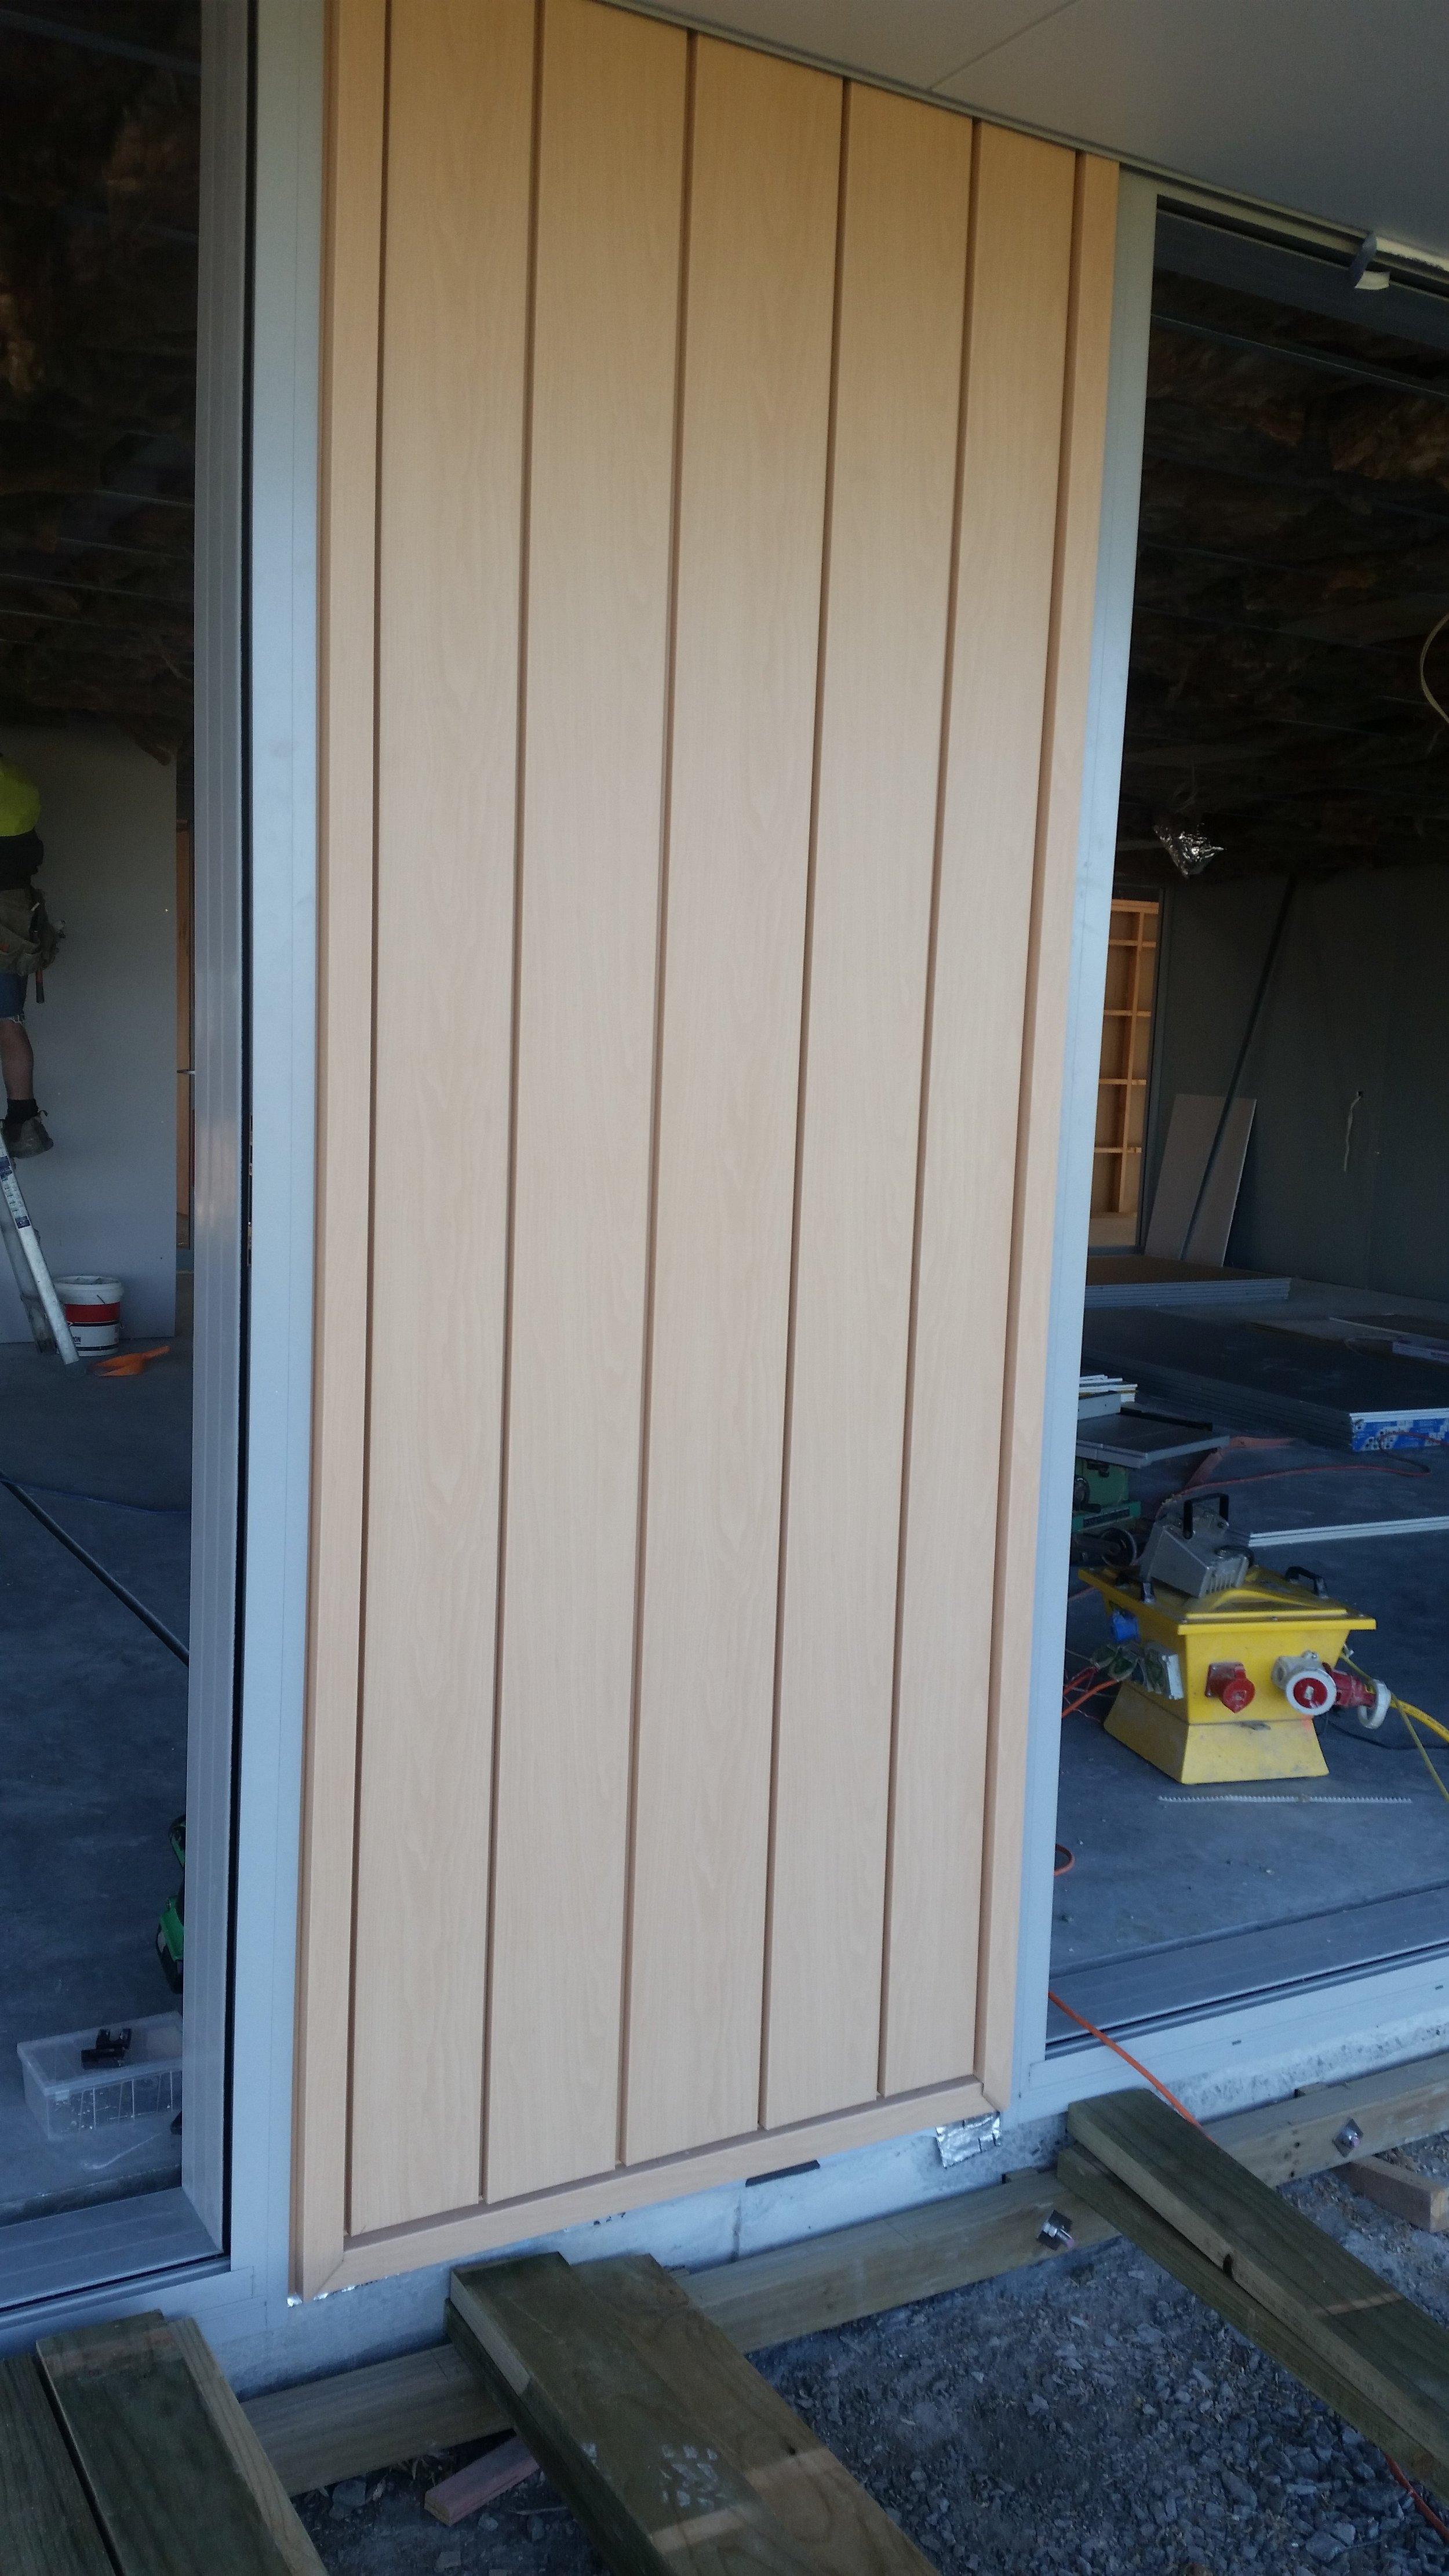 The-Roofing-Store-Steel-Metal-Interlocking-Panel-Lux-Light-Wood-2.jpg.jpg